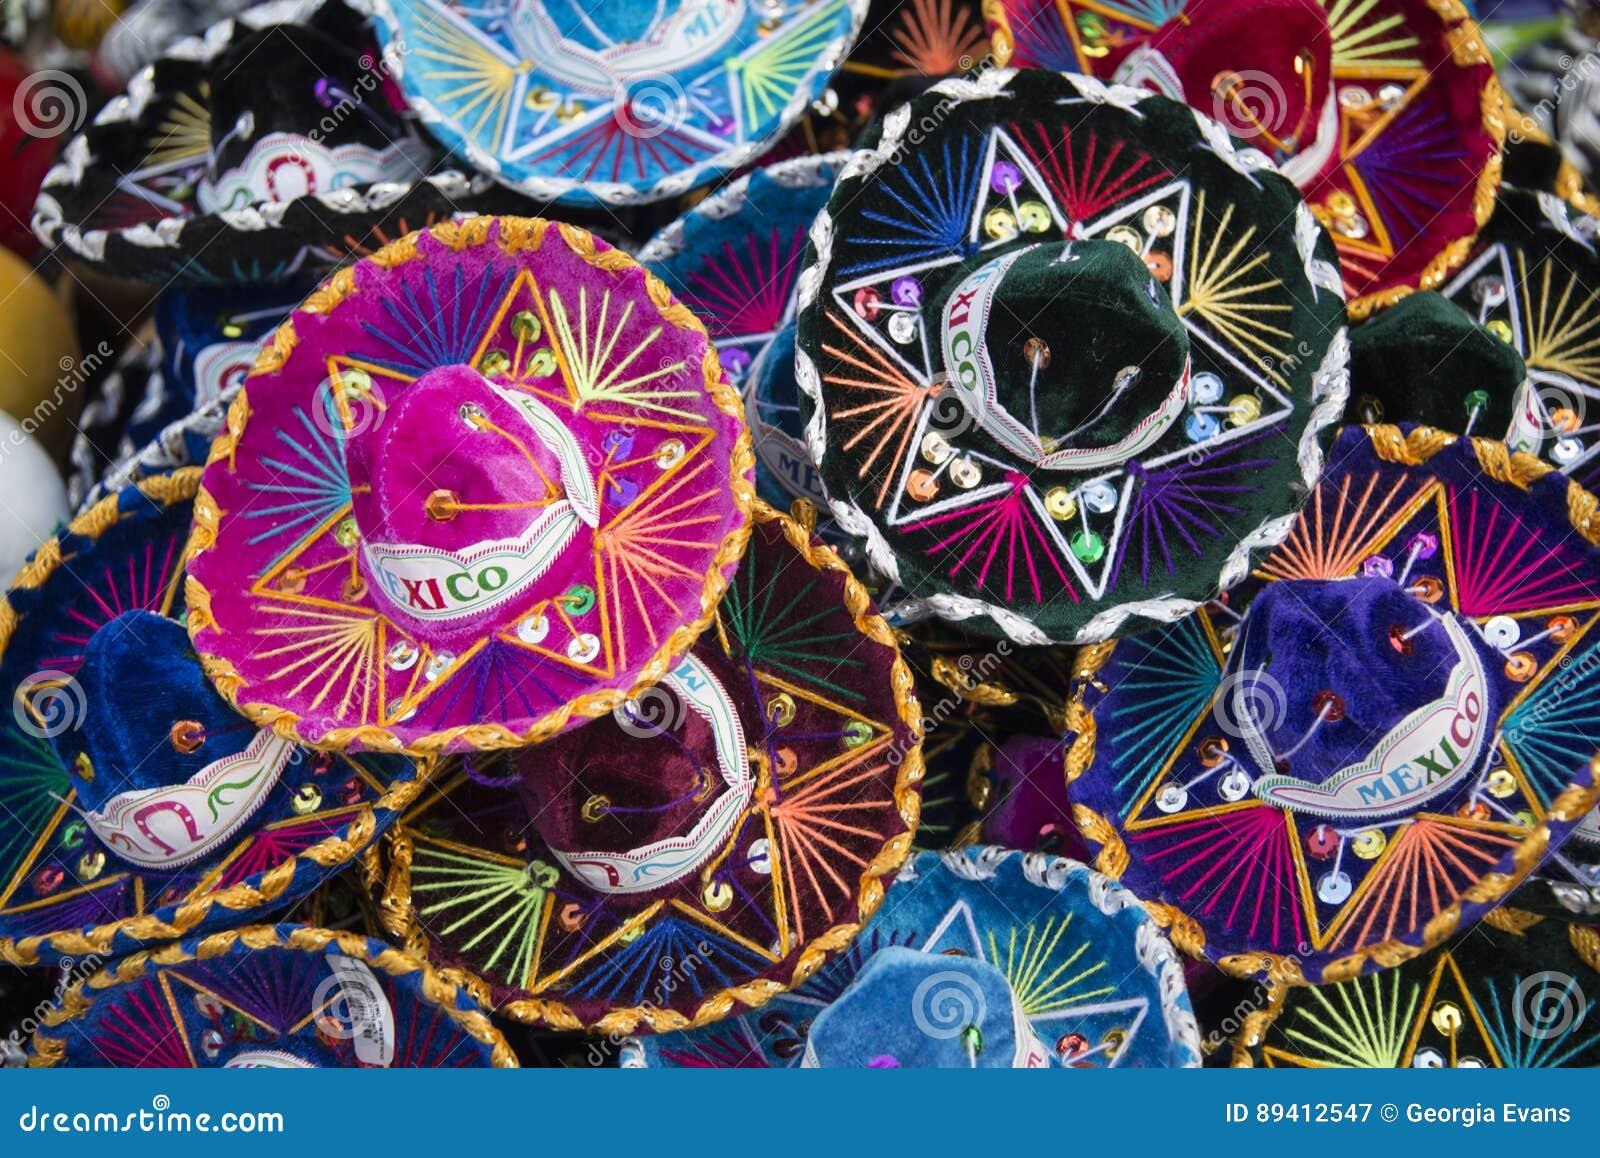 Sombreros Mexicanos Coloridos Del Sombrero En México Imagen de ... d4a620864a2